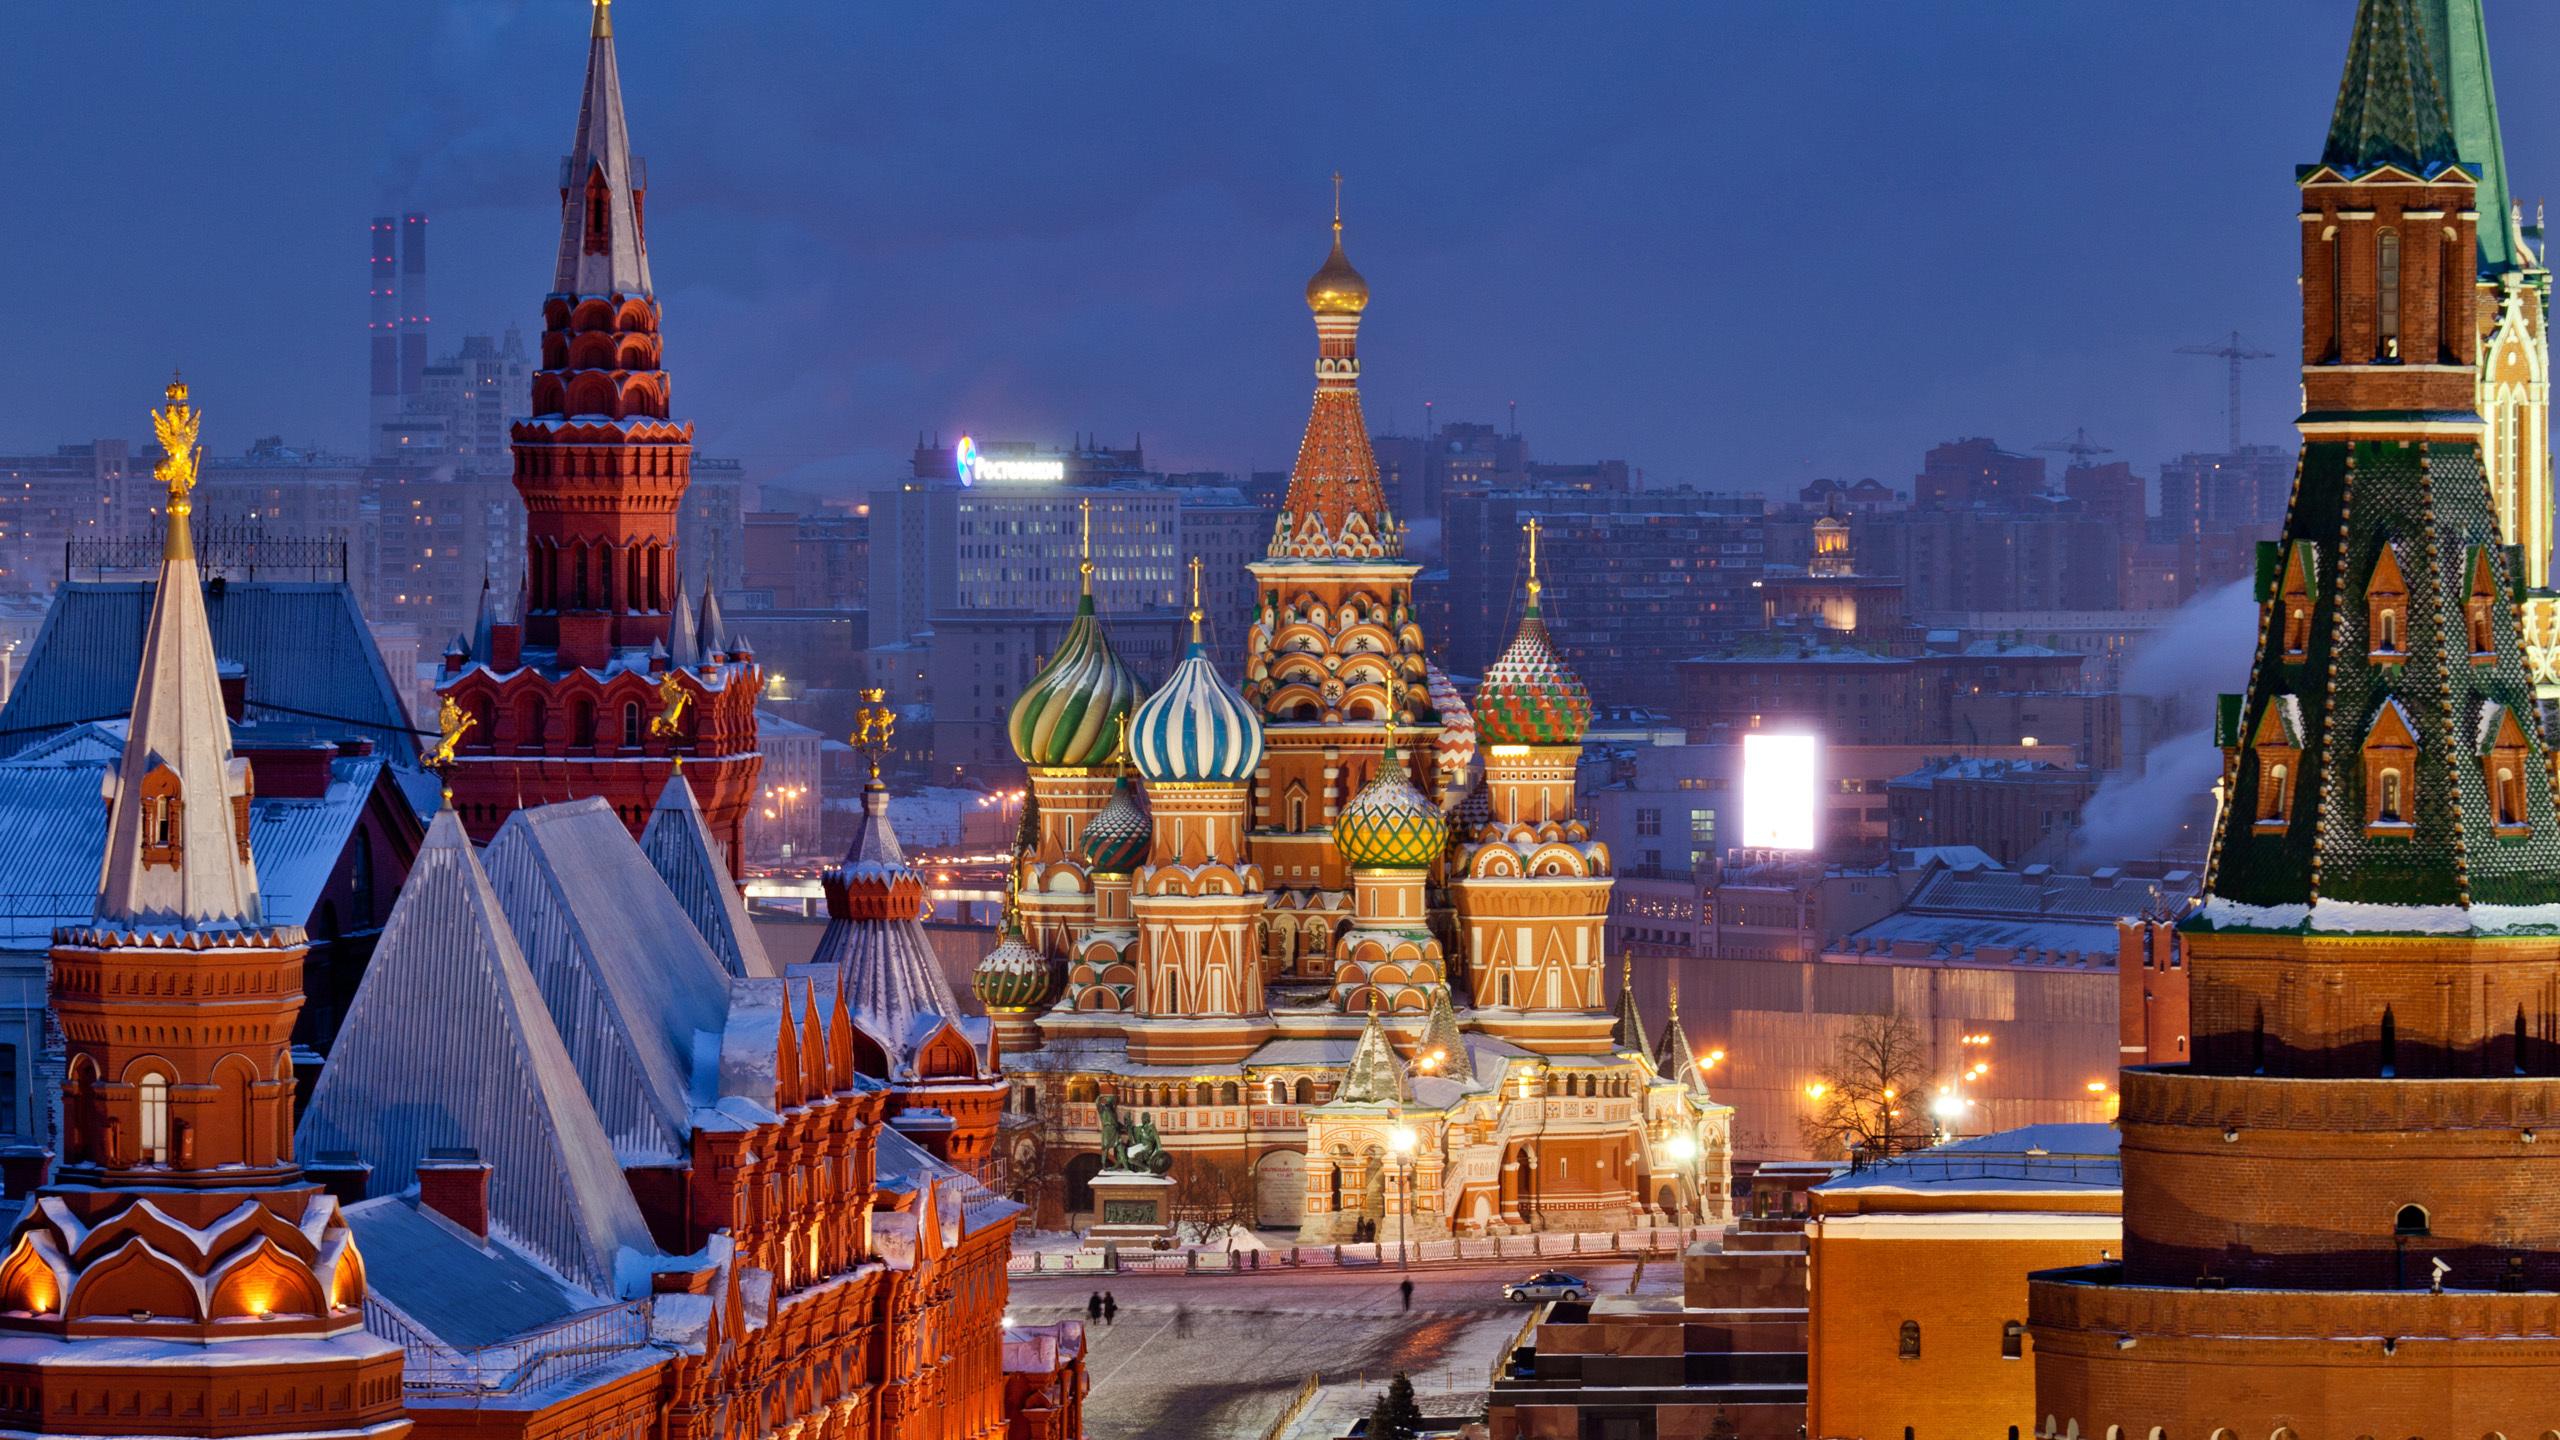 Moskva vinteraktiviteter - Ting å gjøre Moskva Winter